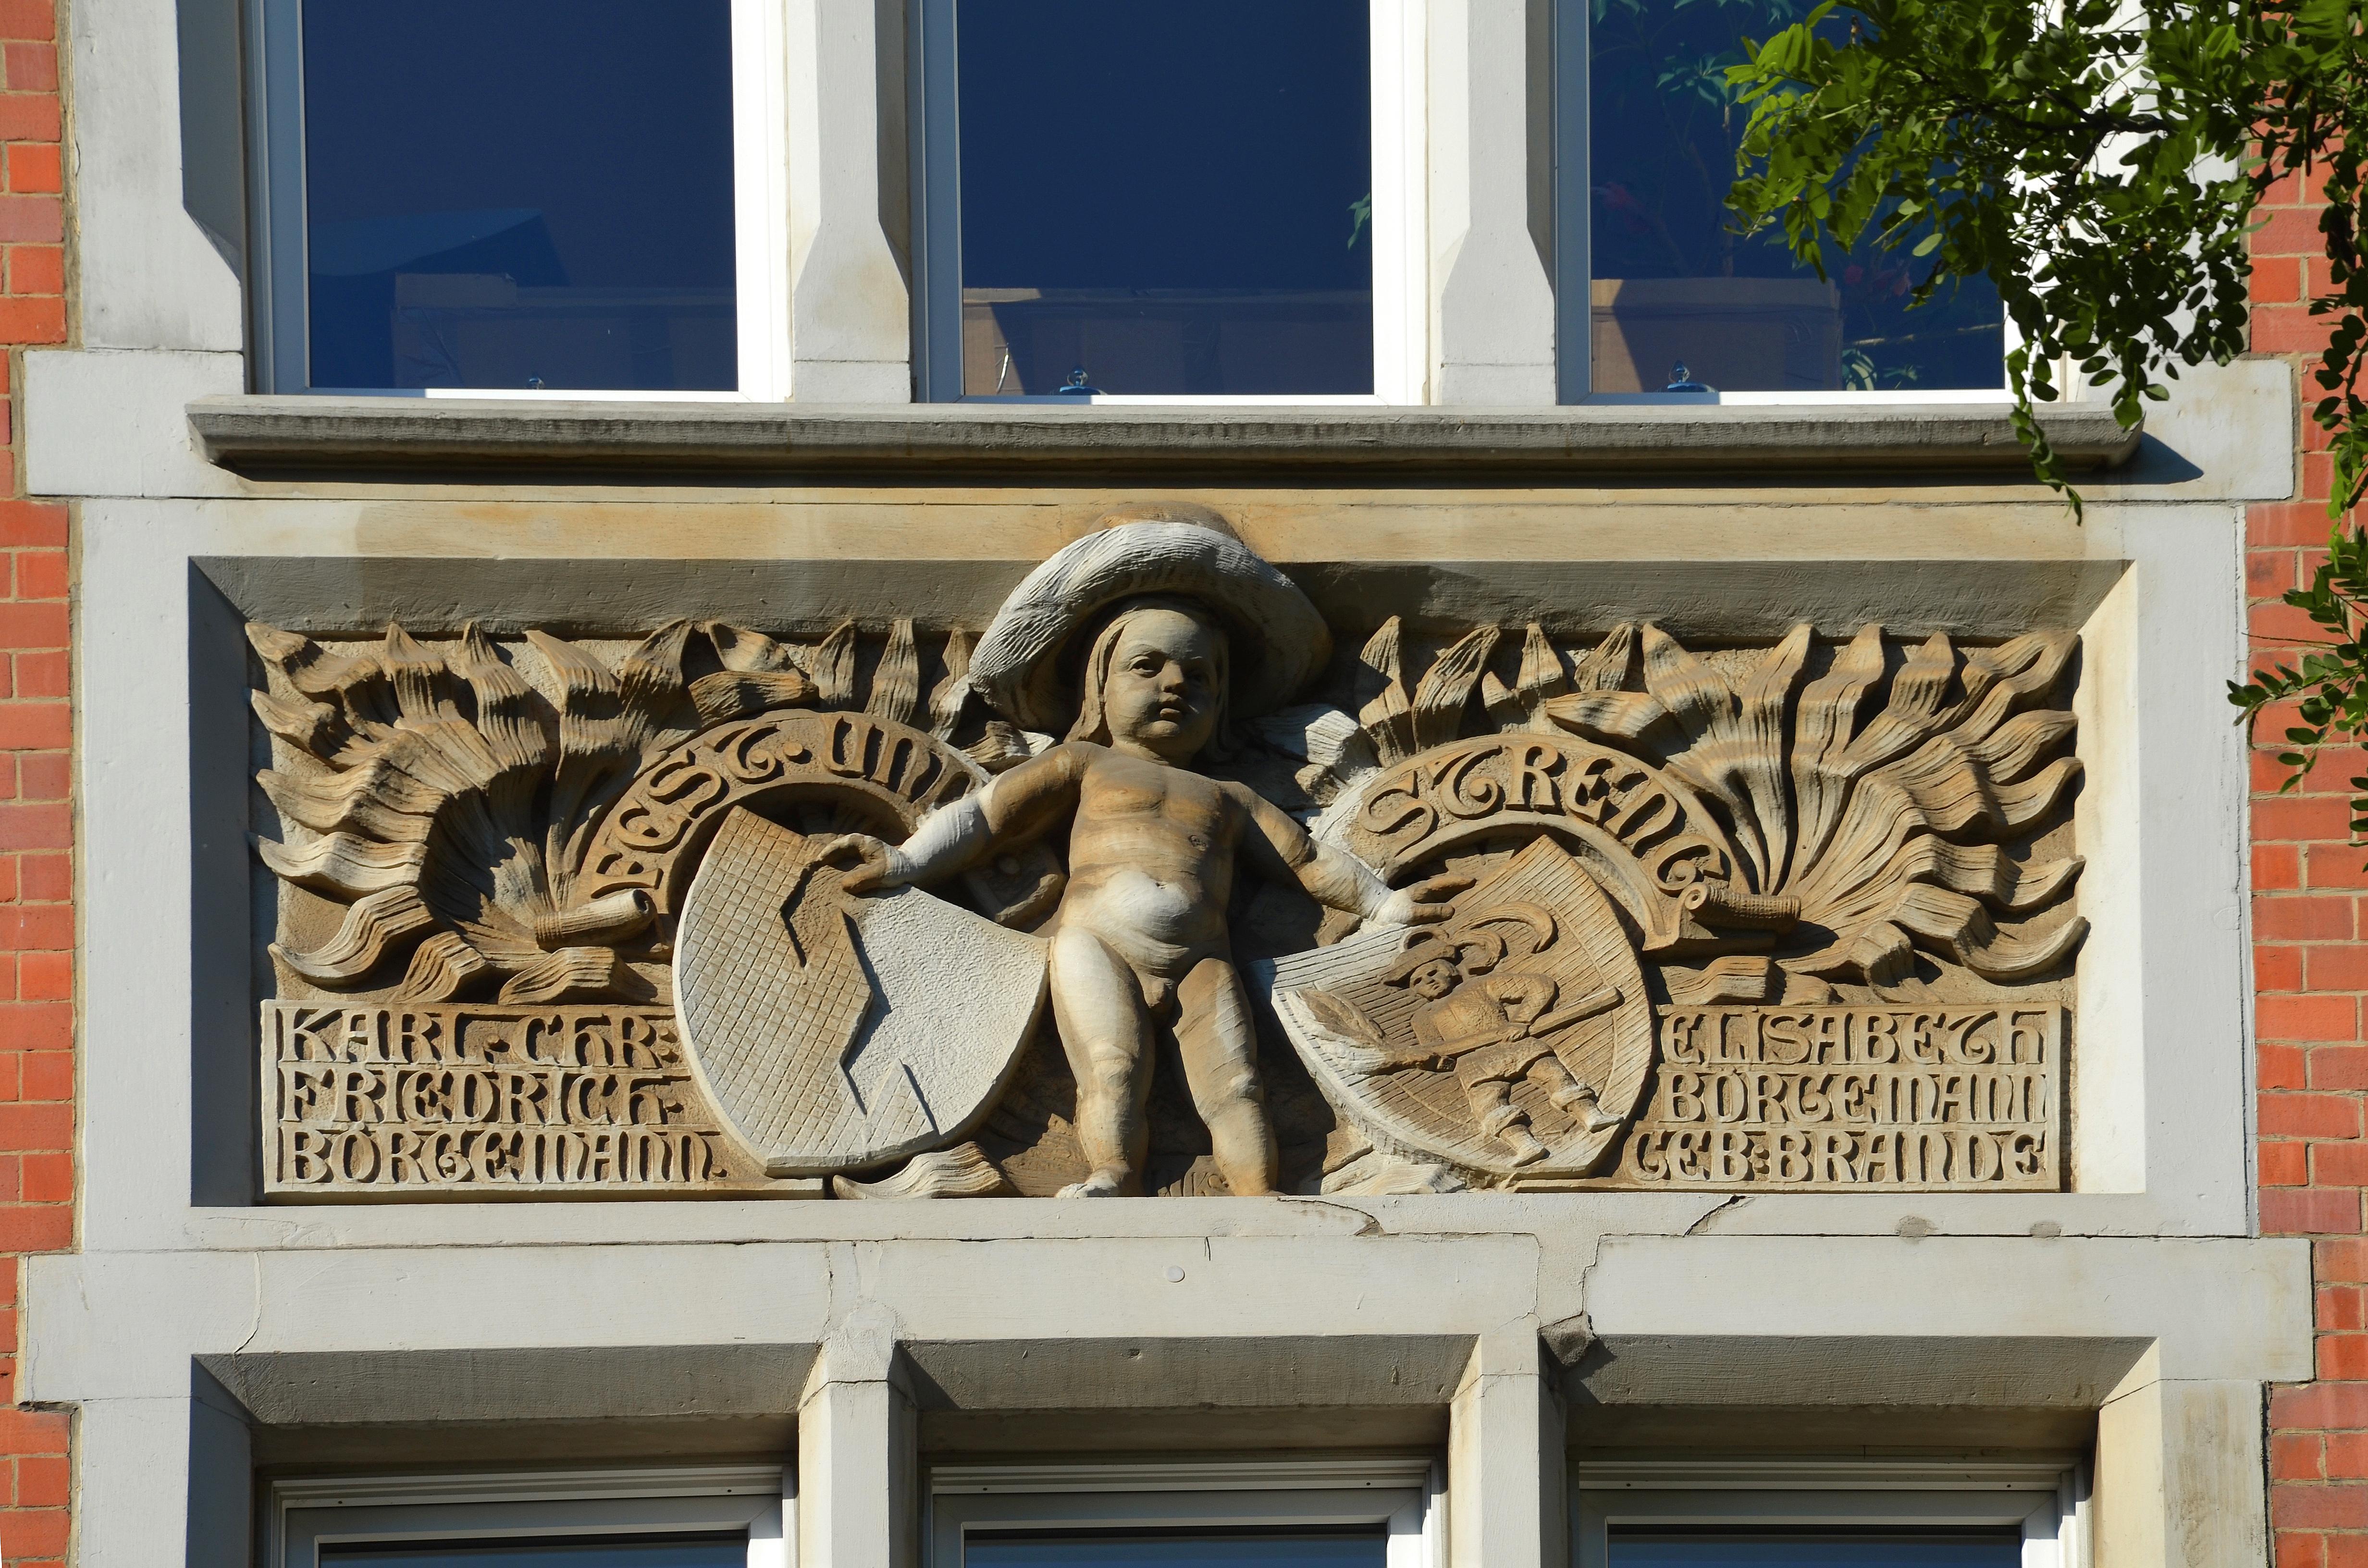 Architekt Hannover file marienstraße 32 ecke papenstieg in hannover wohnhaus architekt